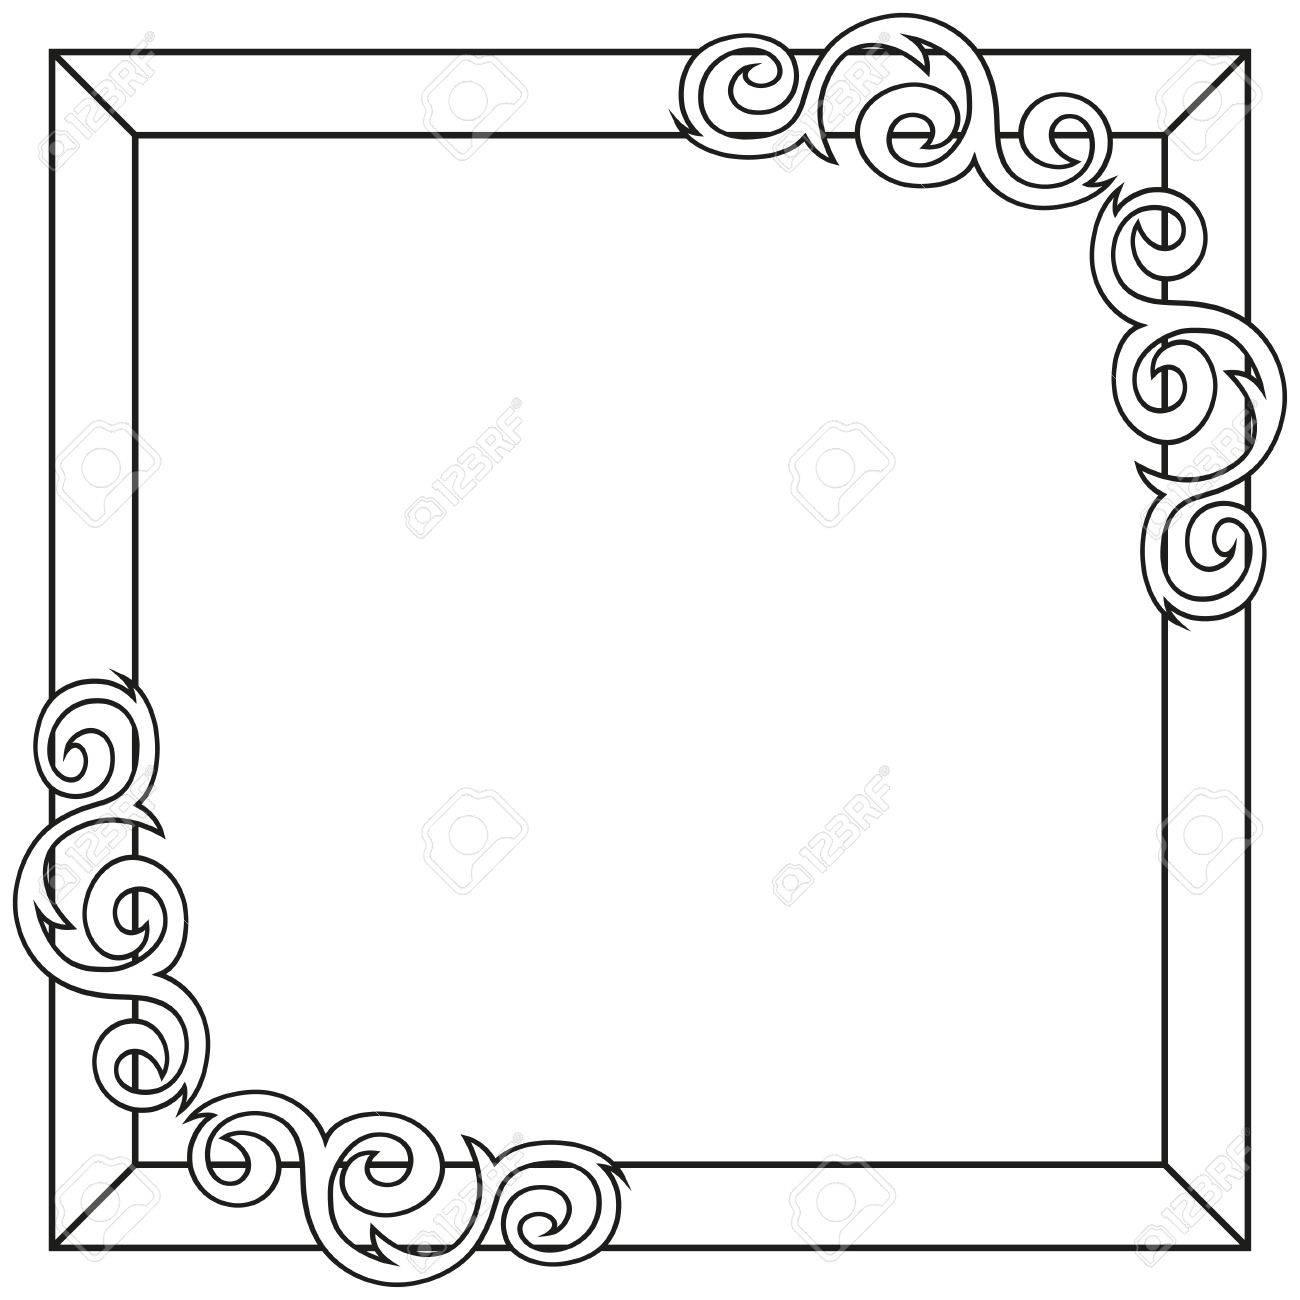 Contorno Decorativo Marco Adornado. Ilustración Vectorial ...